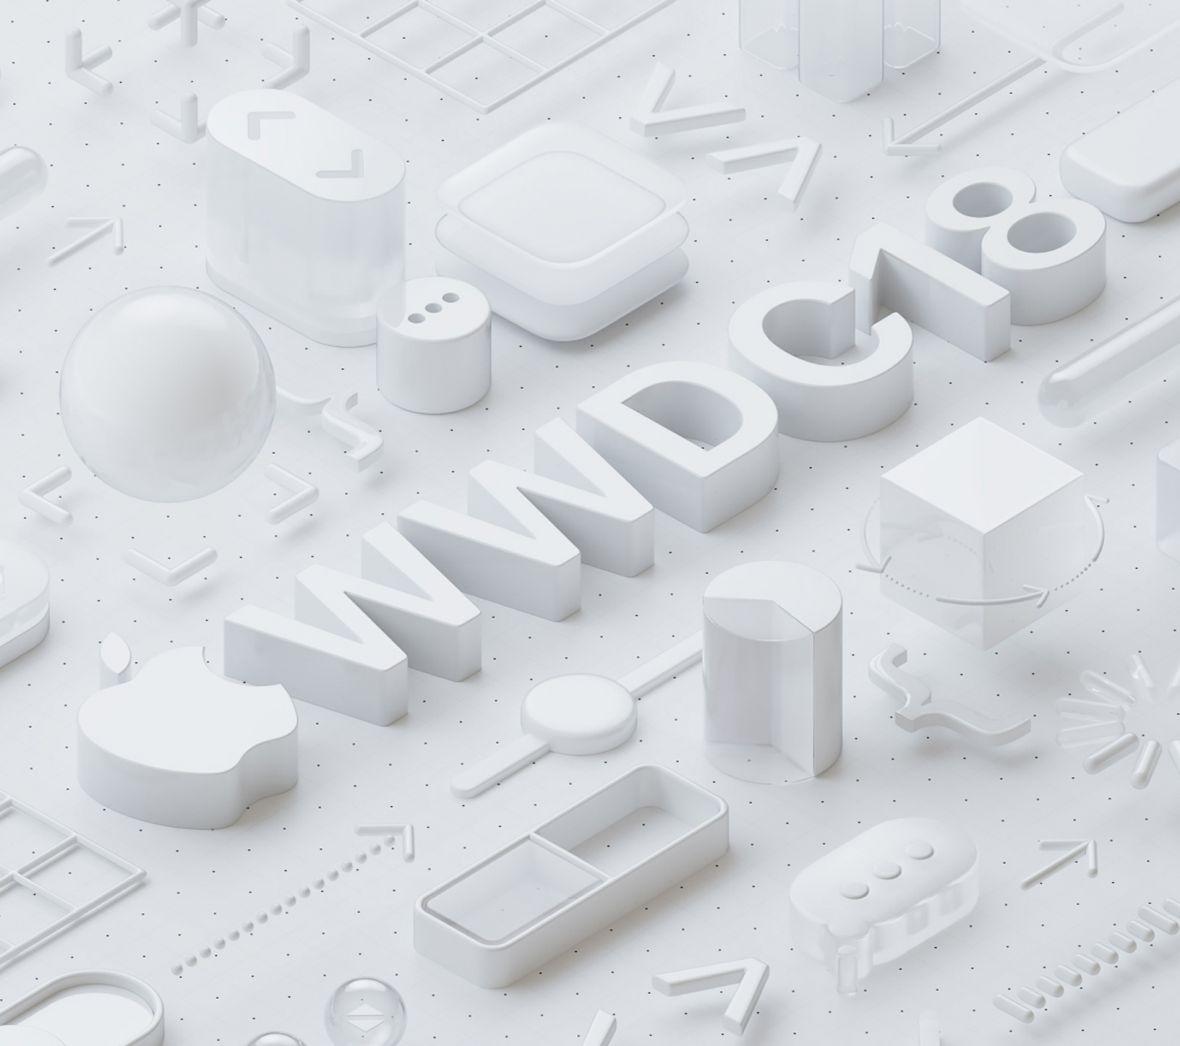 Znamy datę WWDC 2018. Szykujcie się na wysyp nowości od Apple'a w czerwcu